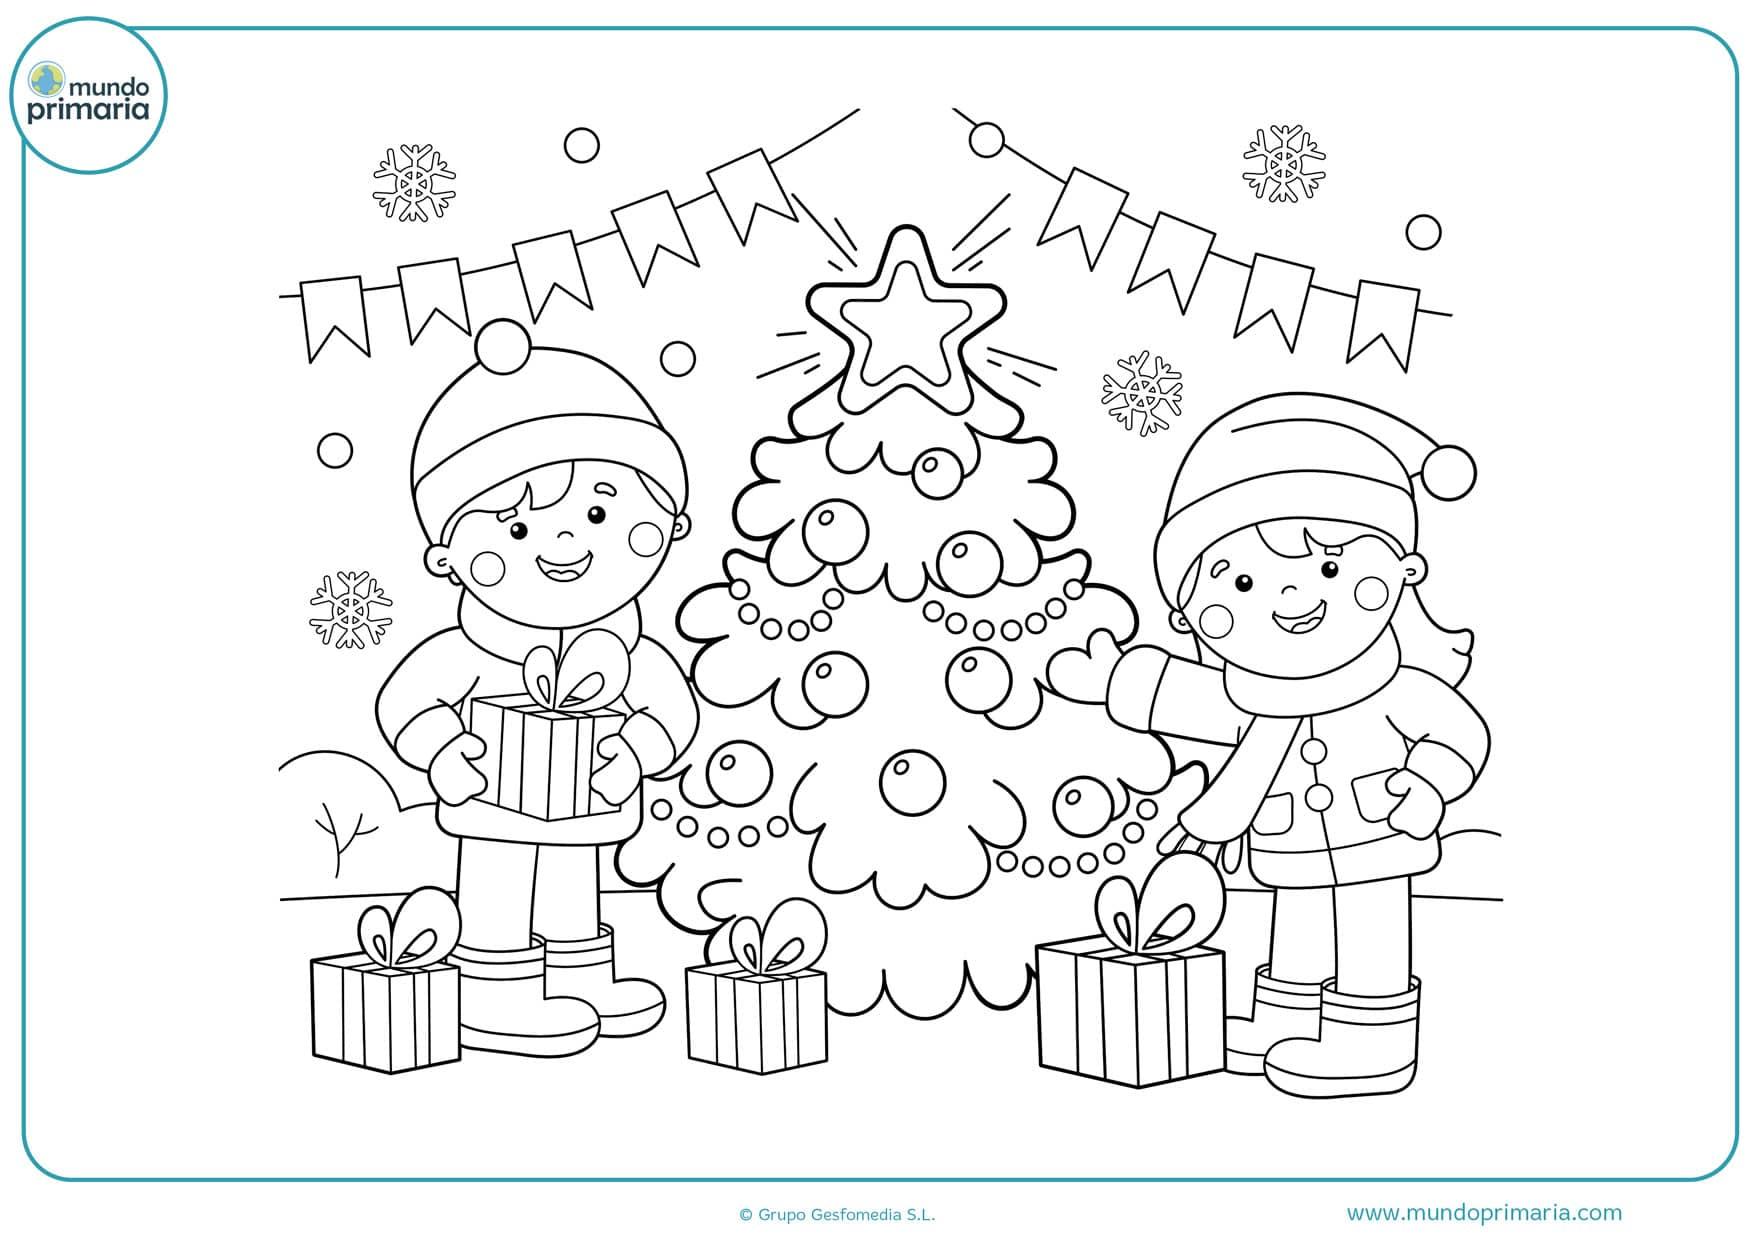 Dibujos De Navidad Muy Bonitos.Dibujos De Navidad Para Colorear E Imprimir Originales Y